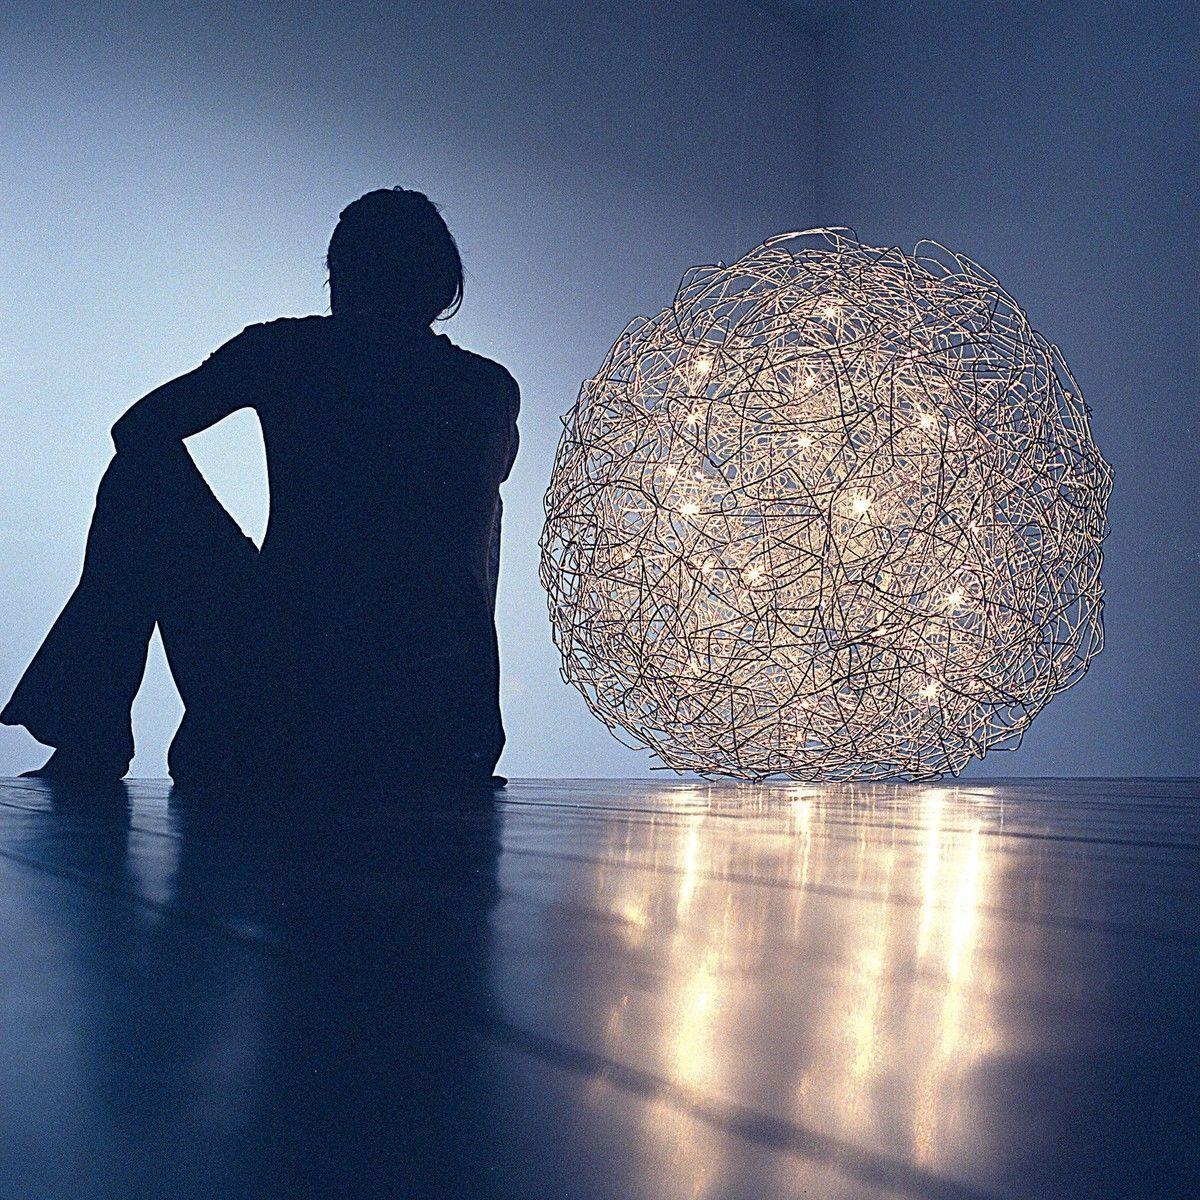 fil de fer outdoor led lampe de sol catellani smith luminaires de sol d 39 exterieur. Black Bedroom Furniture Sets. Home Design Ideas